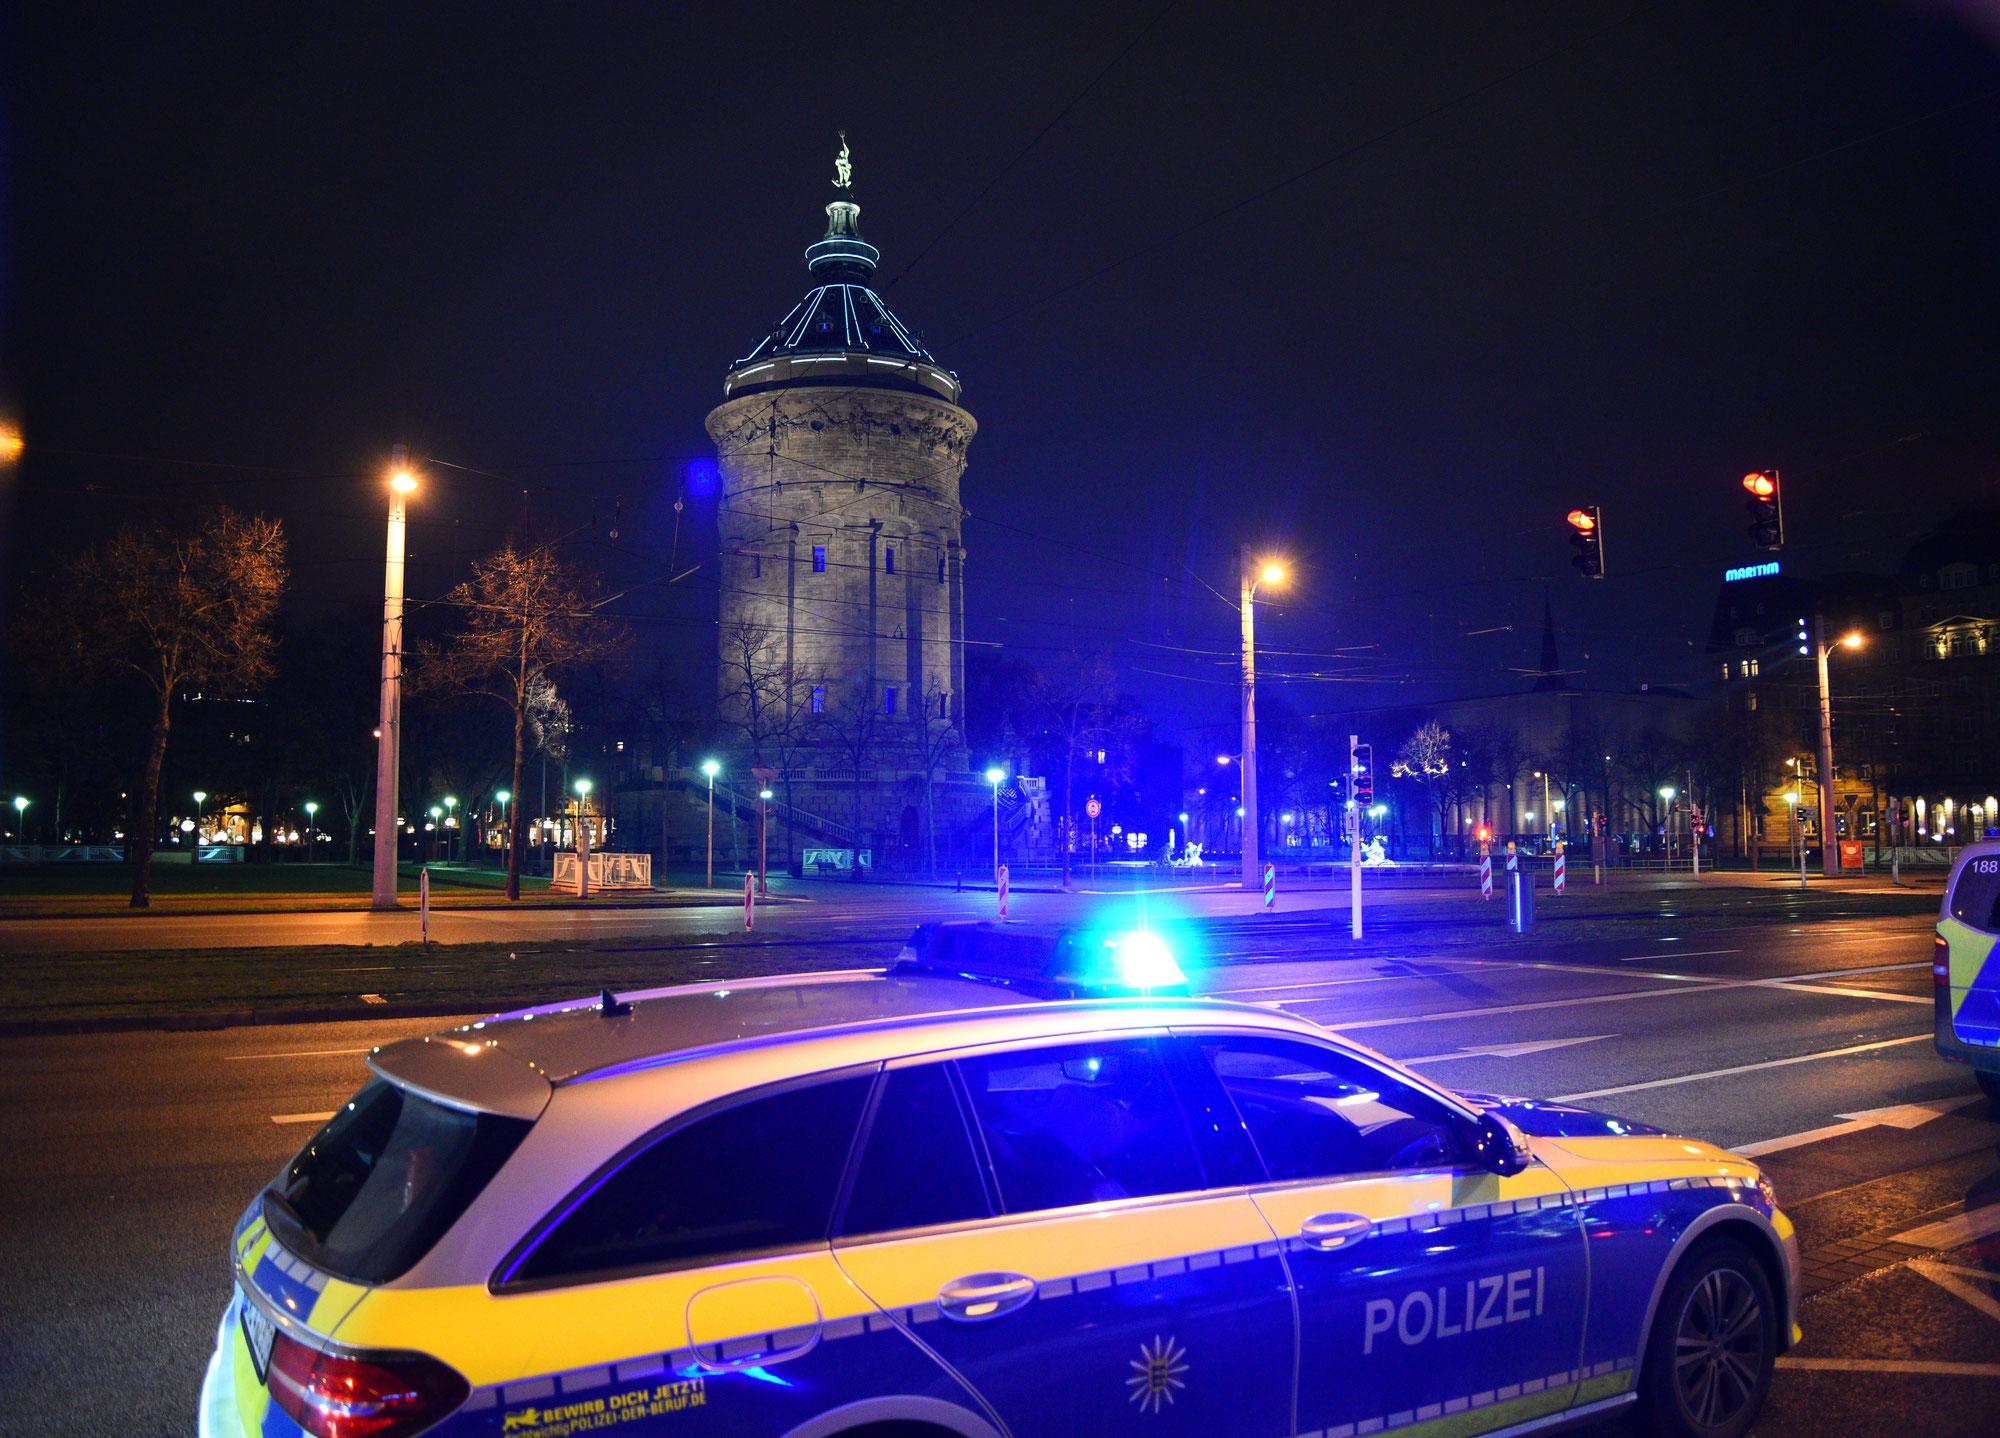 Mannheim-Innenstadt: 31-jähriger Mann in Posermanier in der Innenstadt unterwegs - Fahrzeug sichergestellt